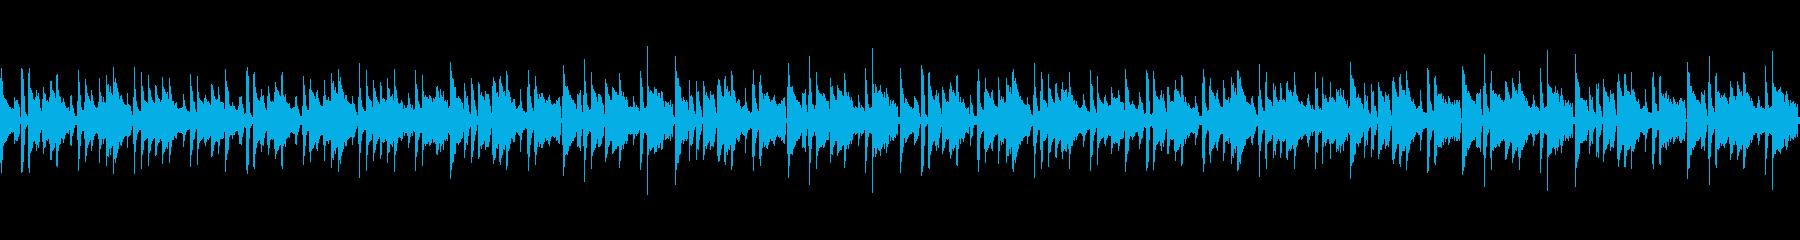 へっぽこ迷探偵のテーマ(ボサノヴァ)の再生済みの波形